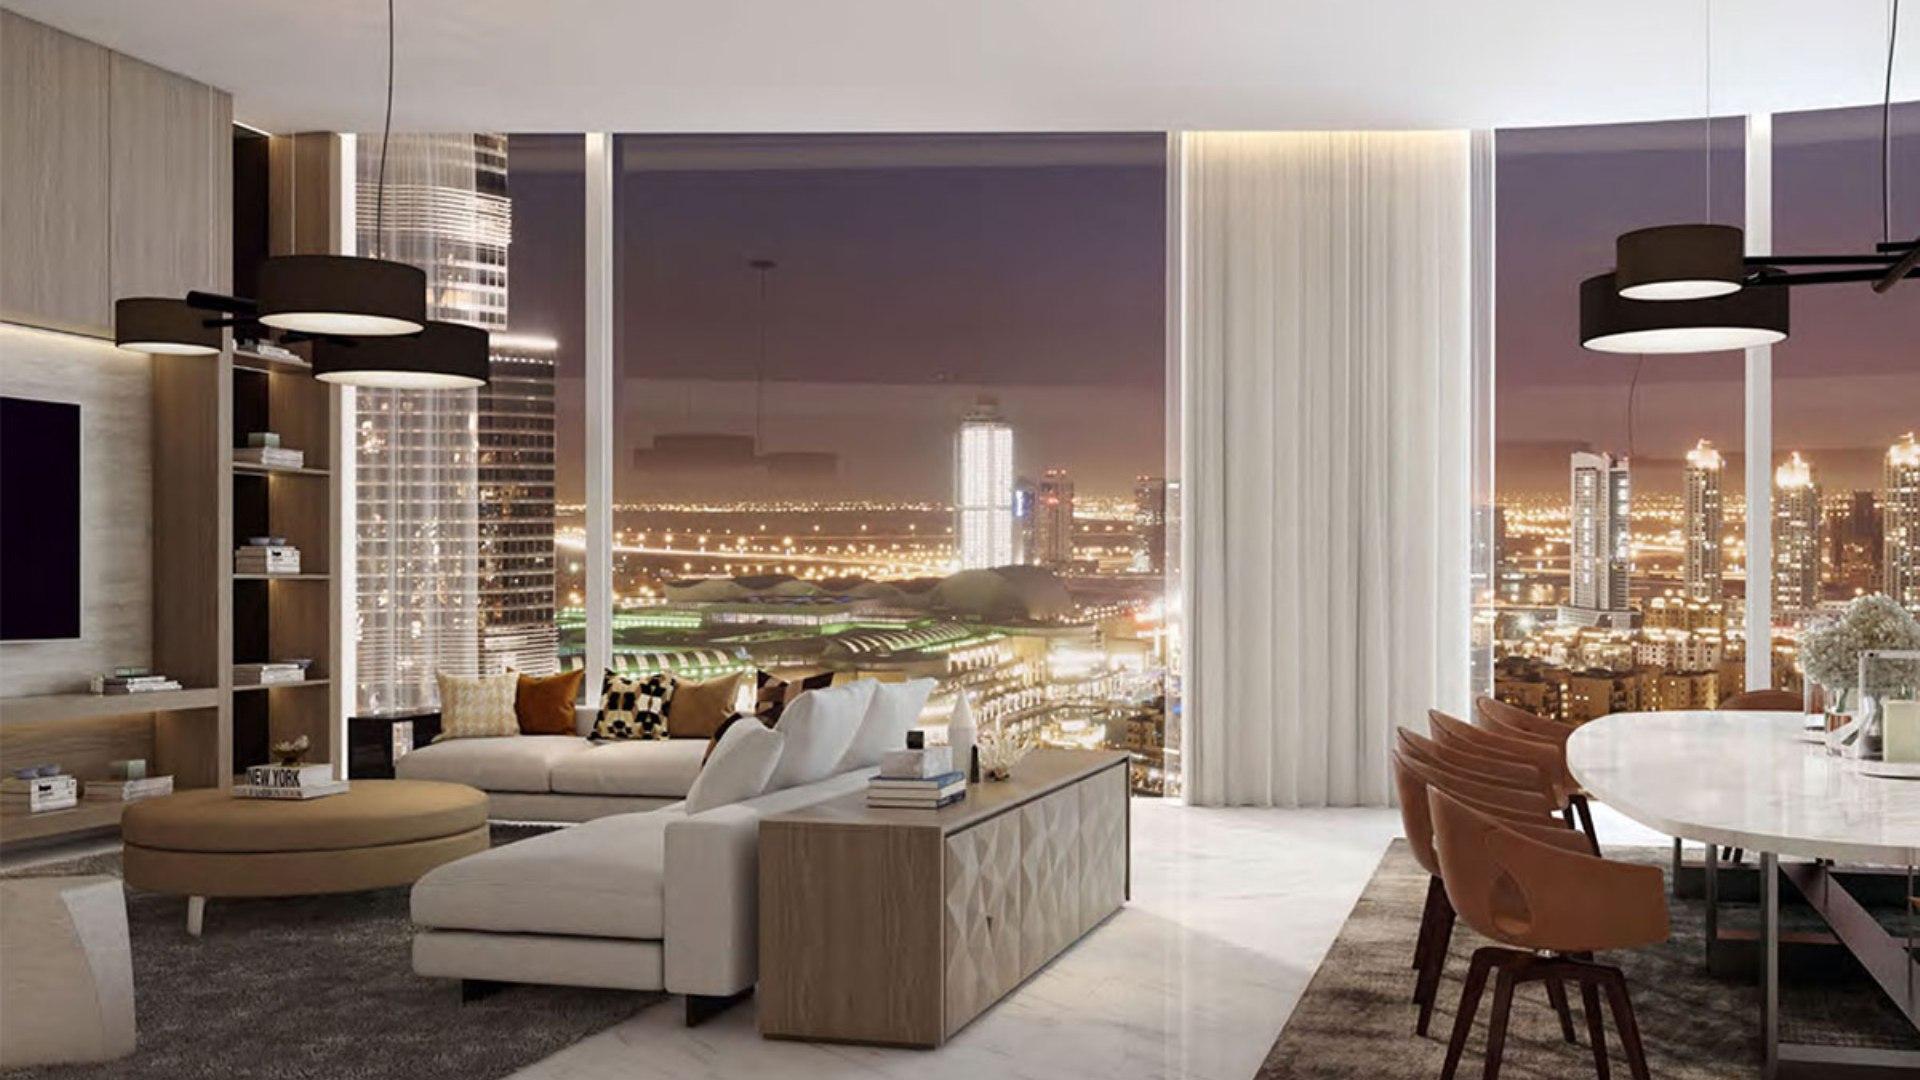 Ático en venta en Dubai, EAU, 5 dormitorios, 1068 m2, № 24320 – foto 4